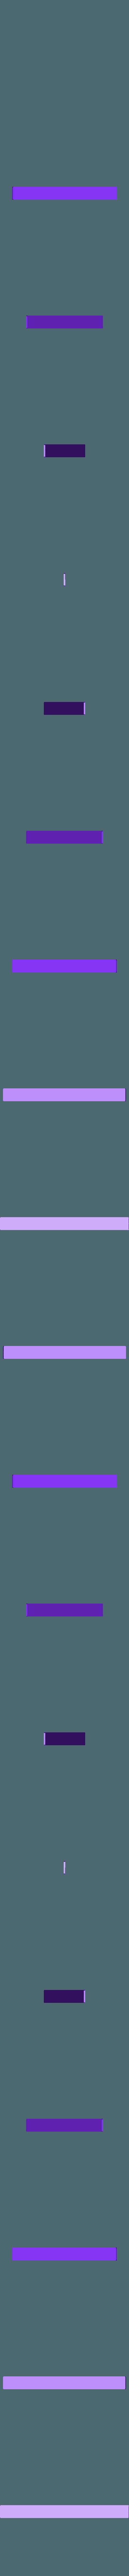 NERF_Target_Spring.stl Télécharger fichier STL gratuit Cible à ressort pour s'amuser avec le pistolet NERF ! • Modèle pour imprimante 3D, Muzz64